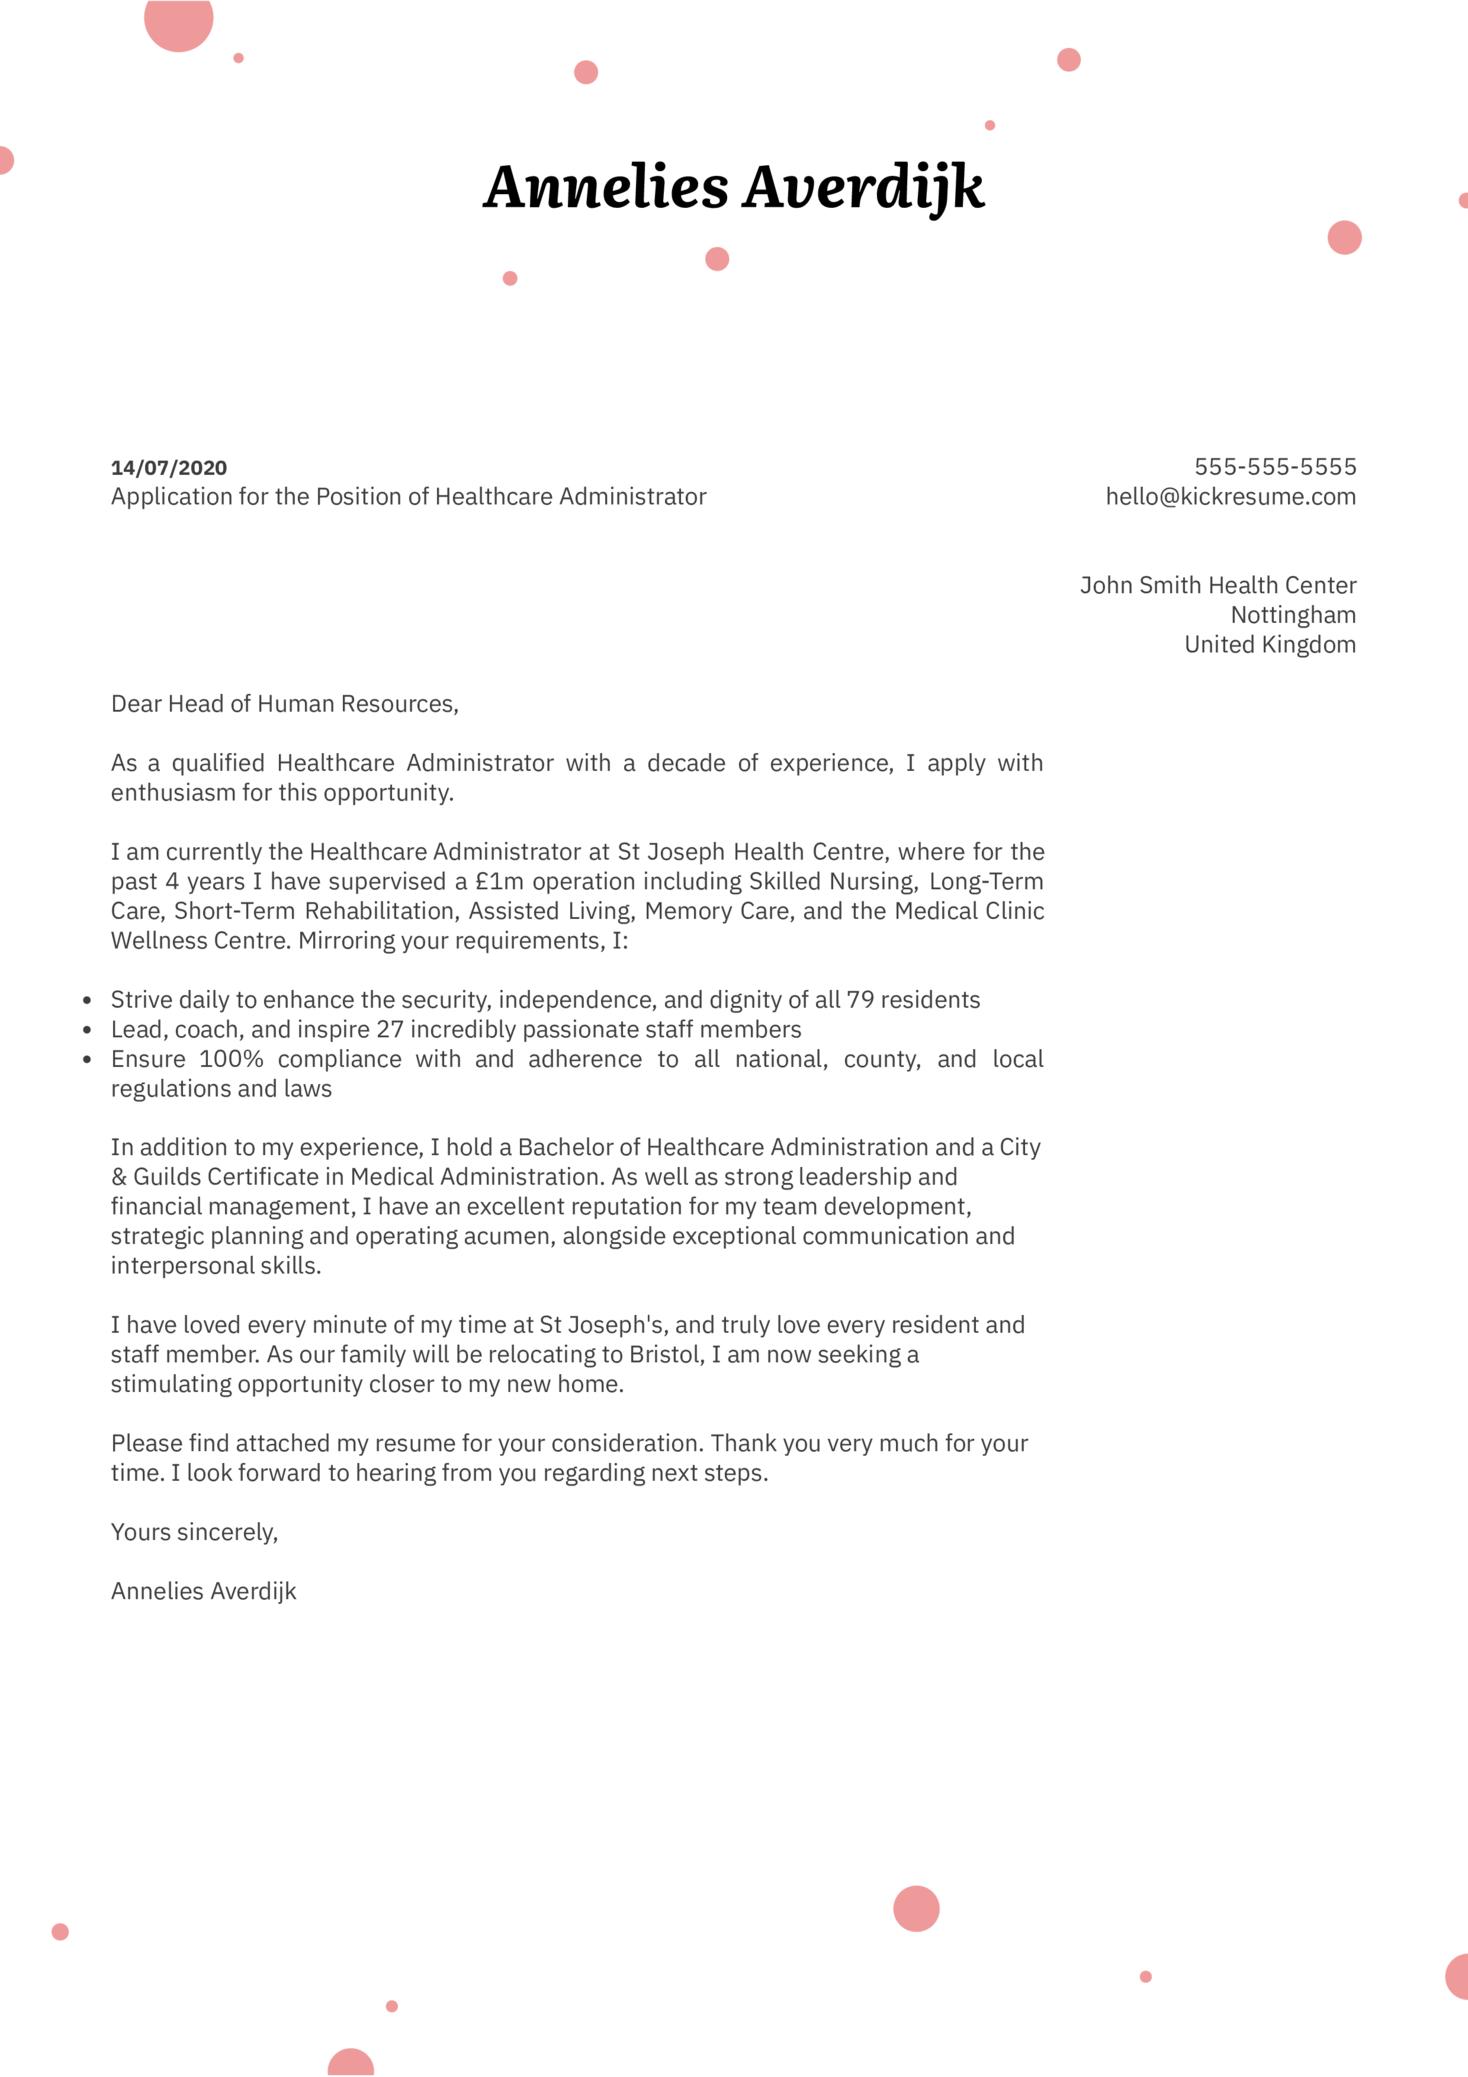 Healthcare Administrator Cover Letter Sample Kickresume